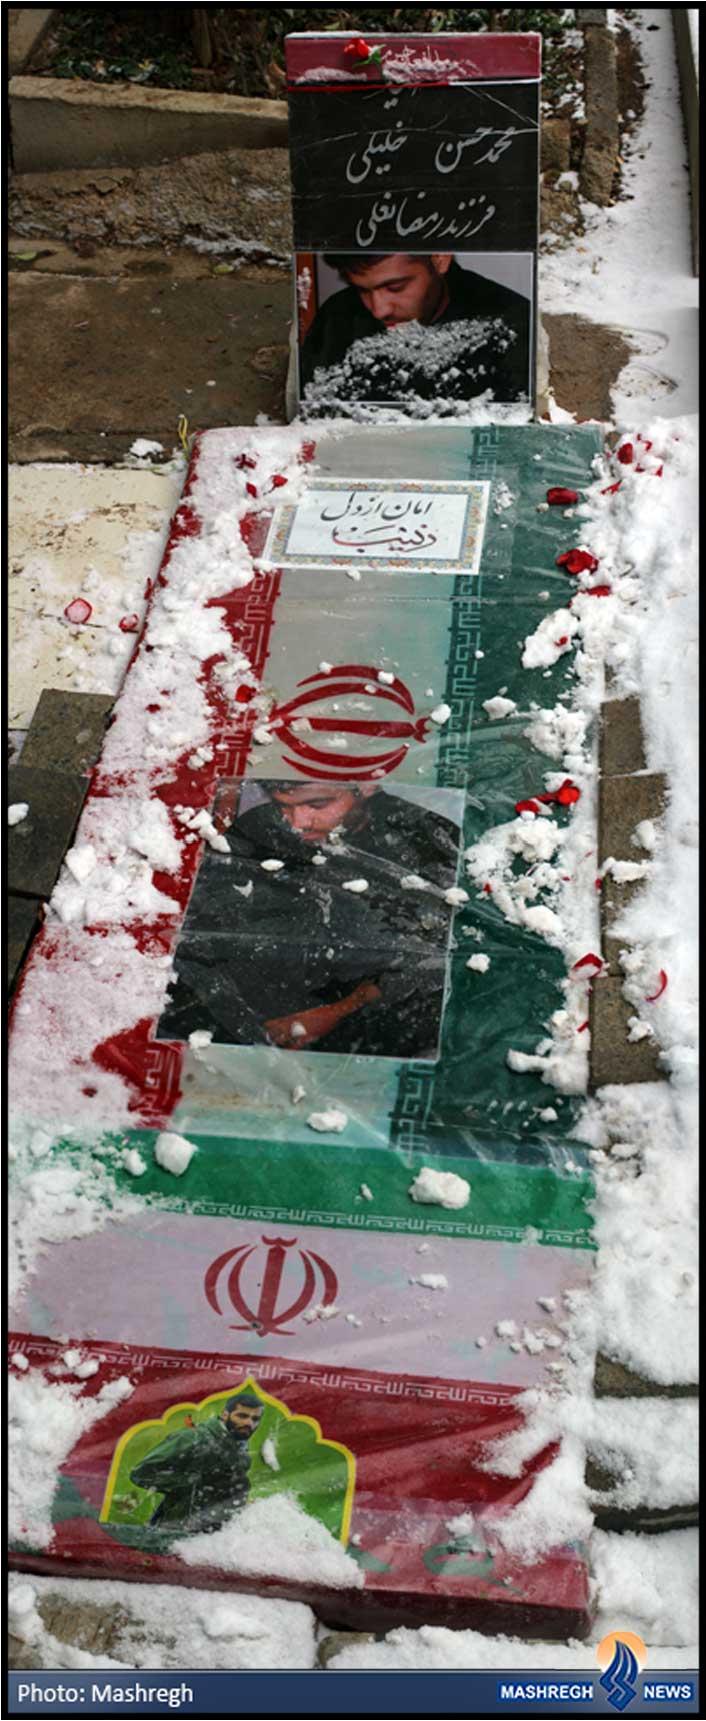 تصاویر / یک روز برفی، میهمانِ «مدافعان حرم»